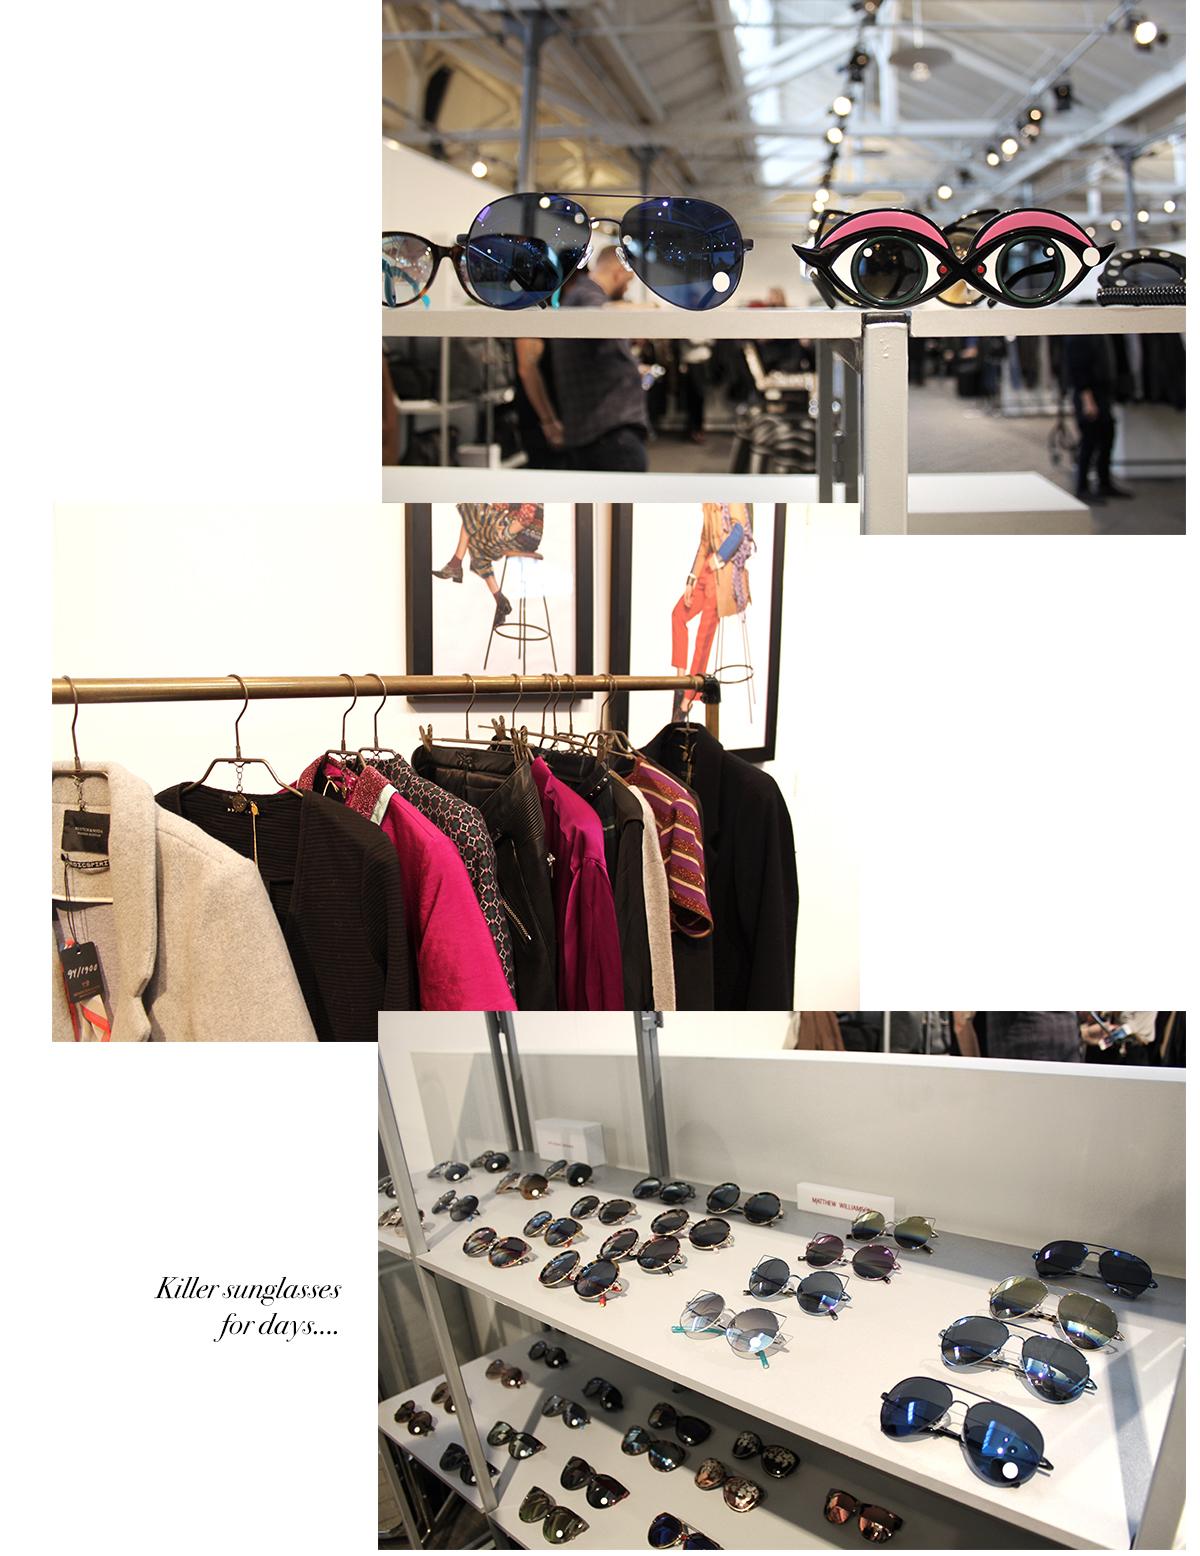 Copenhagen fashion week 2016 Autumn Winter blog fashion lifestyle events shows3